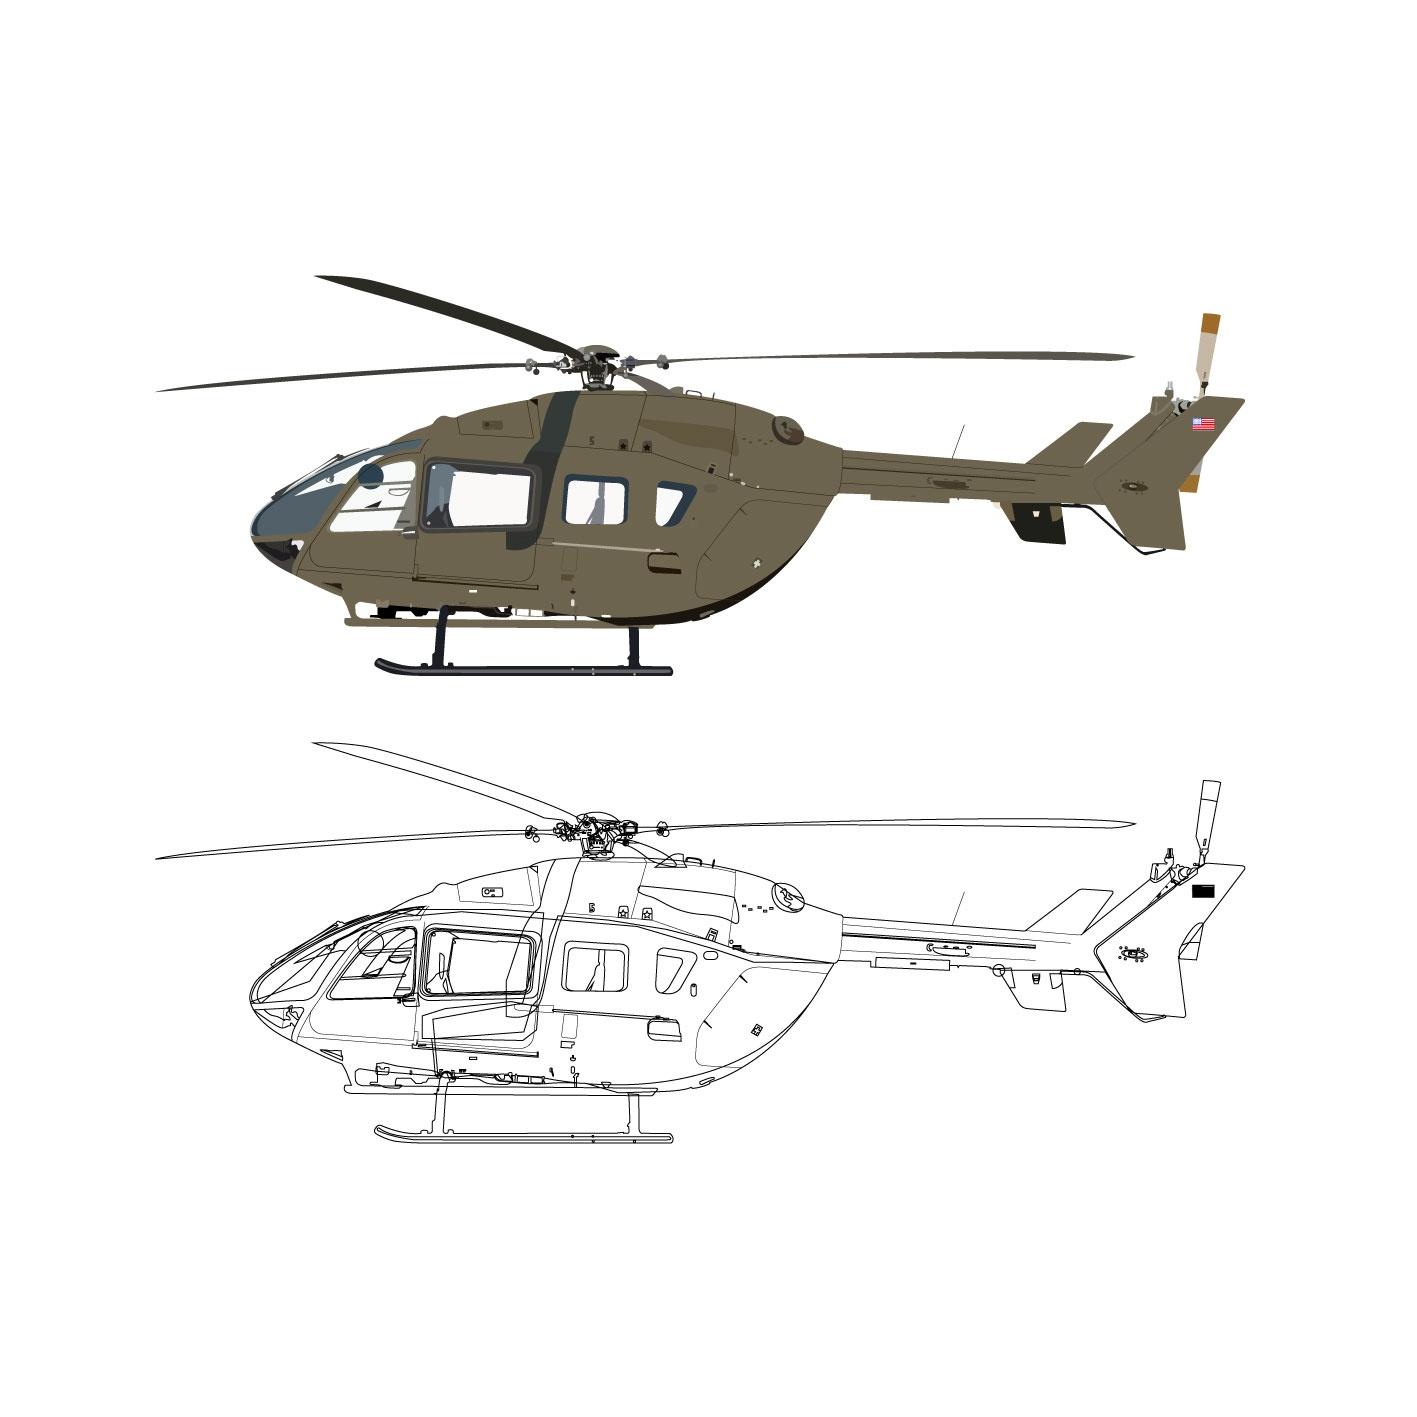 A+학점 헬리콥터 고퀄리티 일러스트 작업물